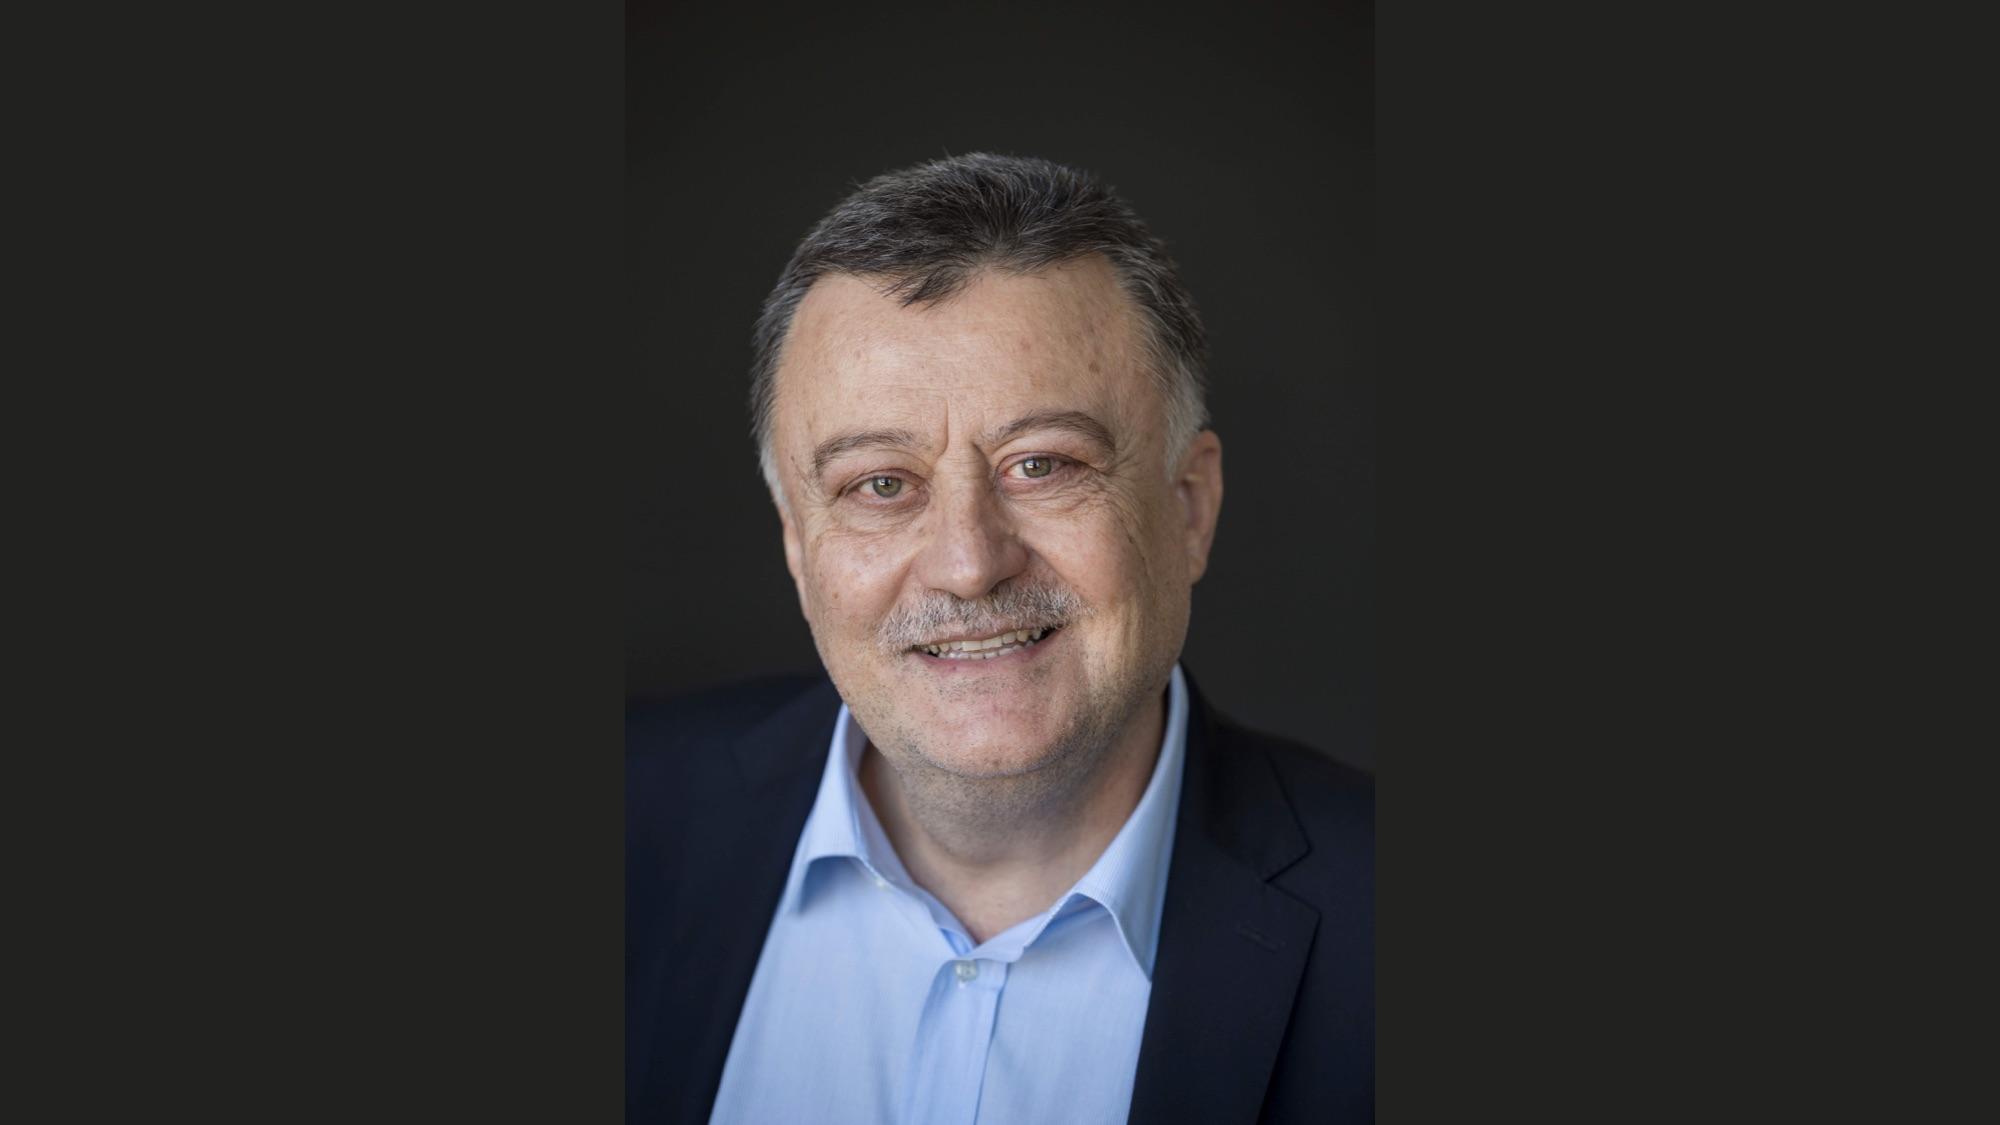 Konstantinos Boulouchos, professeur à l'EPFZ